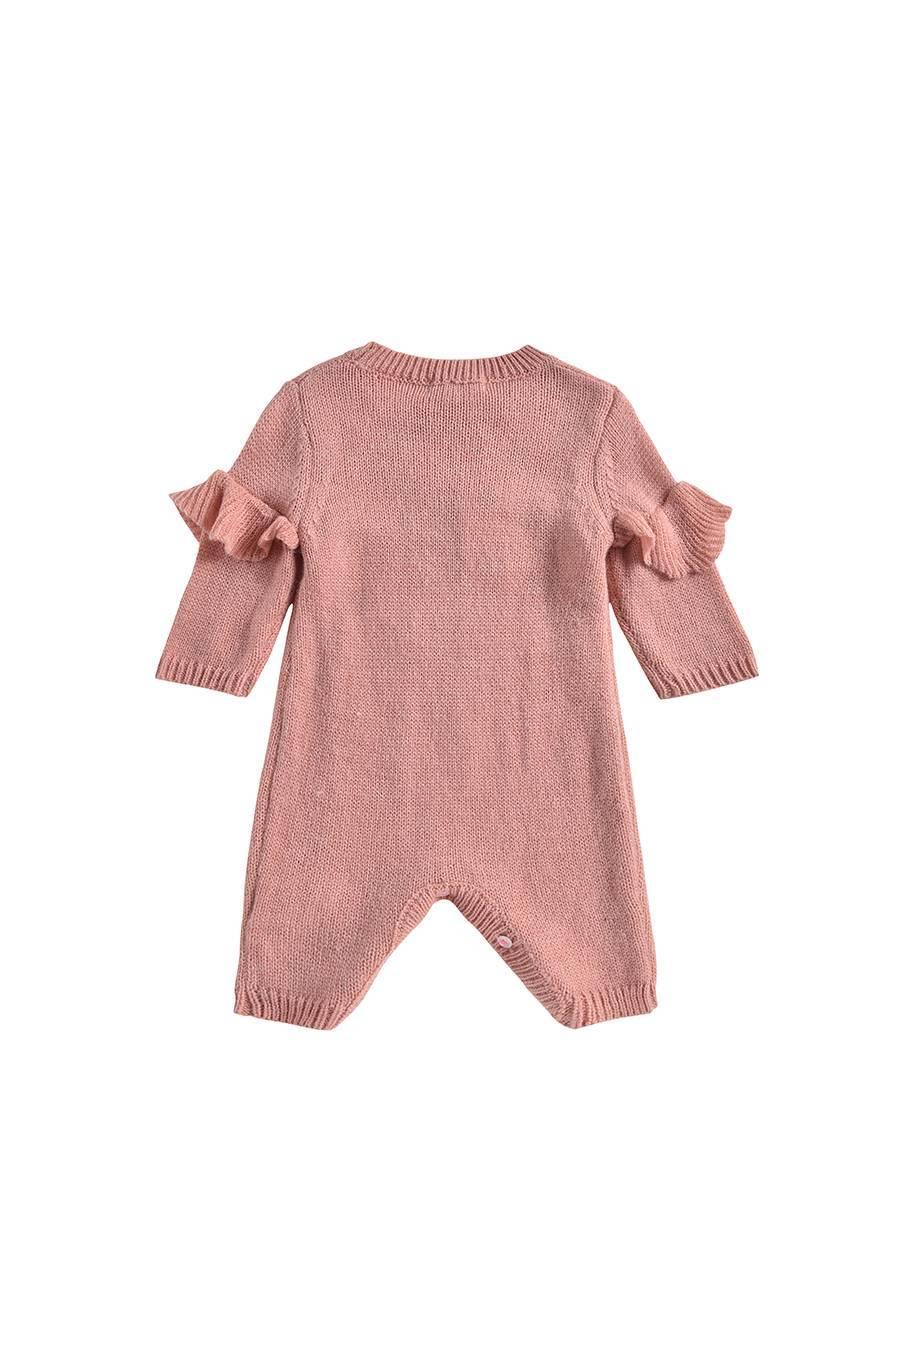 boheme chic vintage combinaison bébé fille tamalia sienna